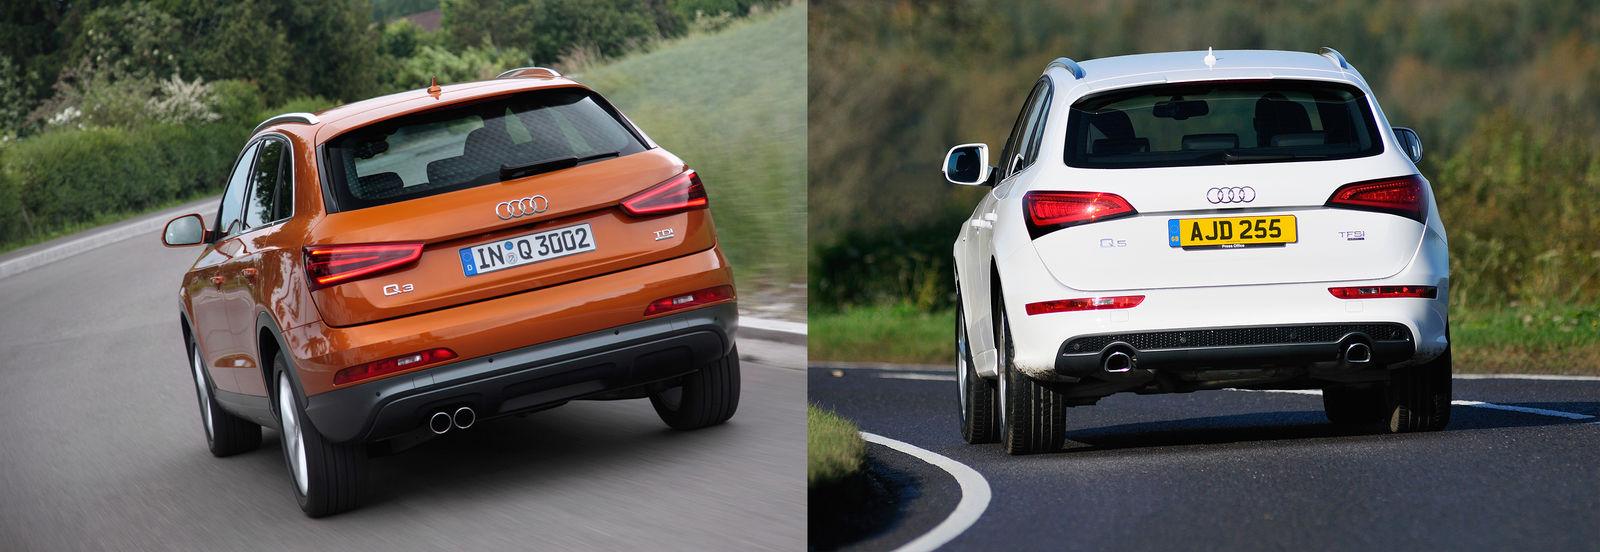 Audi Q3 Vs Audi Q5 Side By Side Uk Comparison Carwow